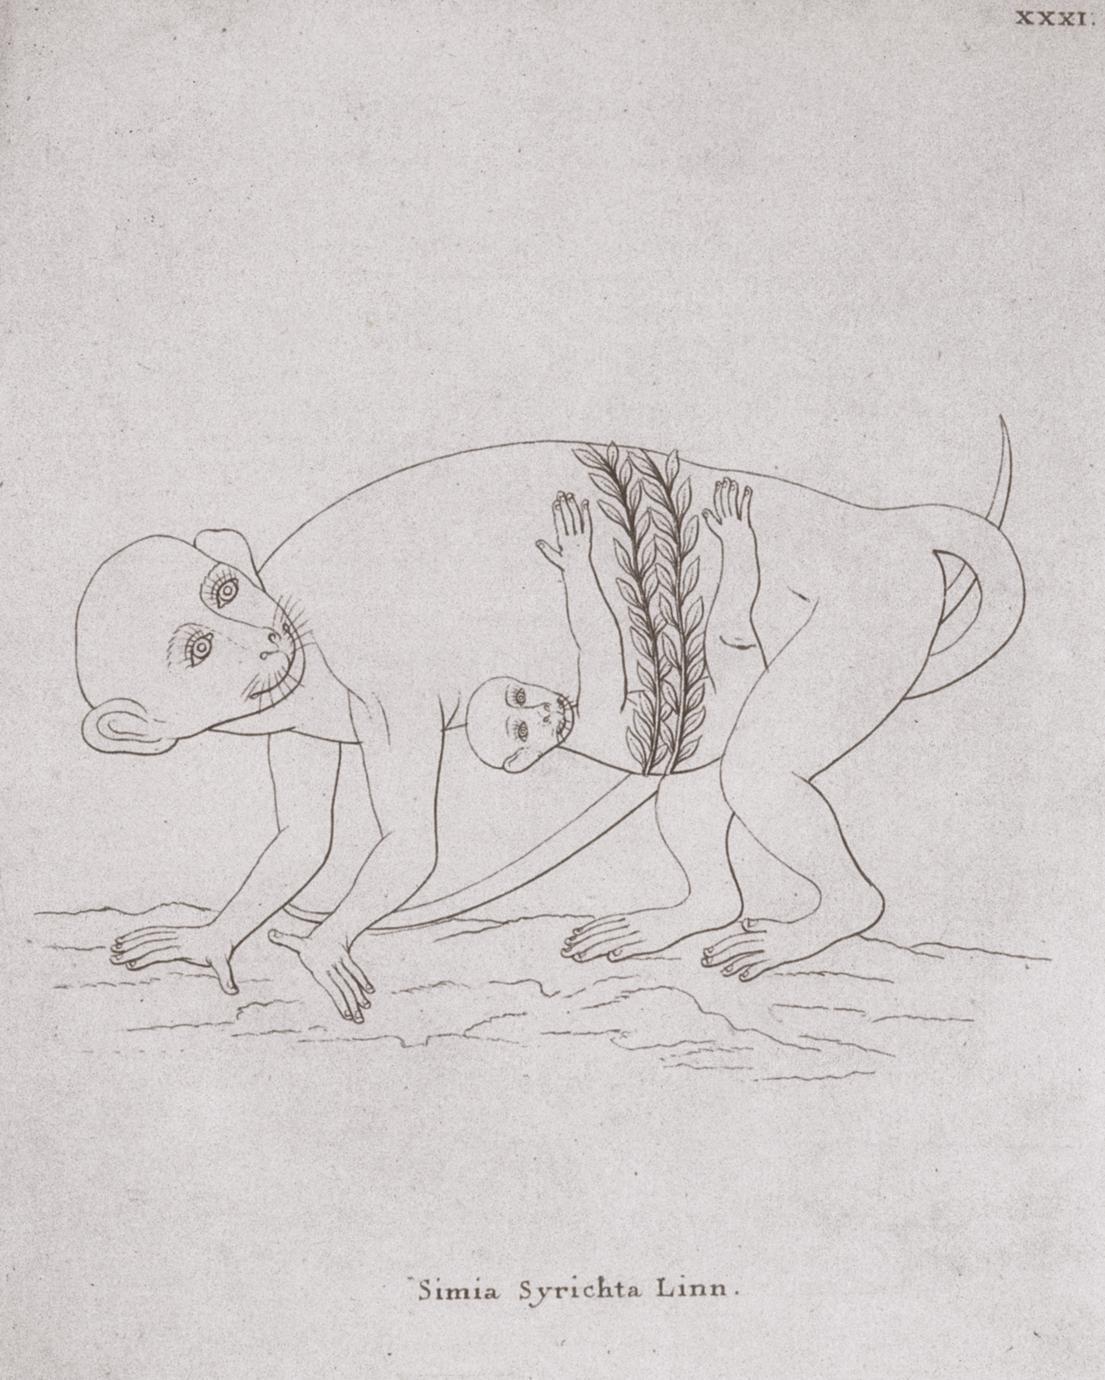 Abbildung 3 : Simia Syrichta Linn. (1775)